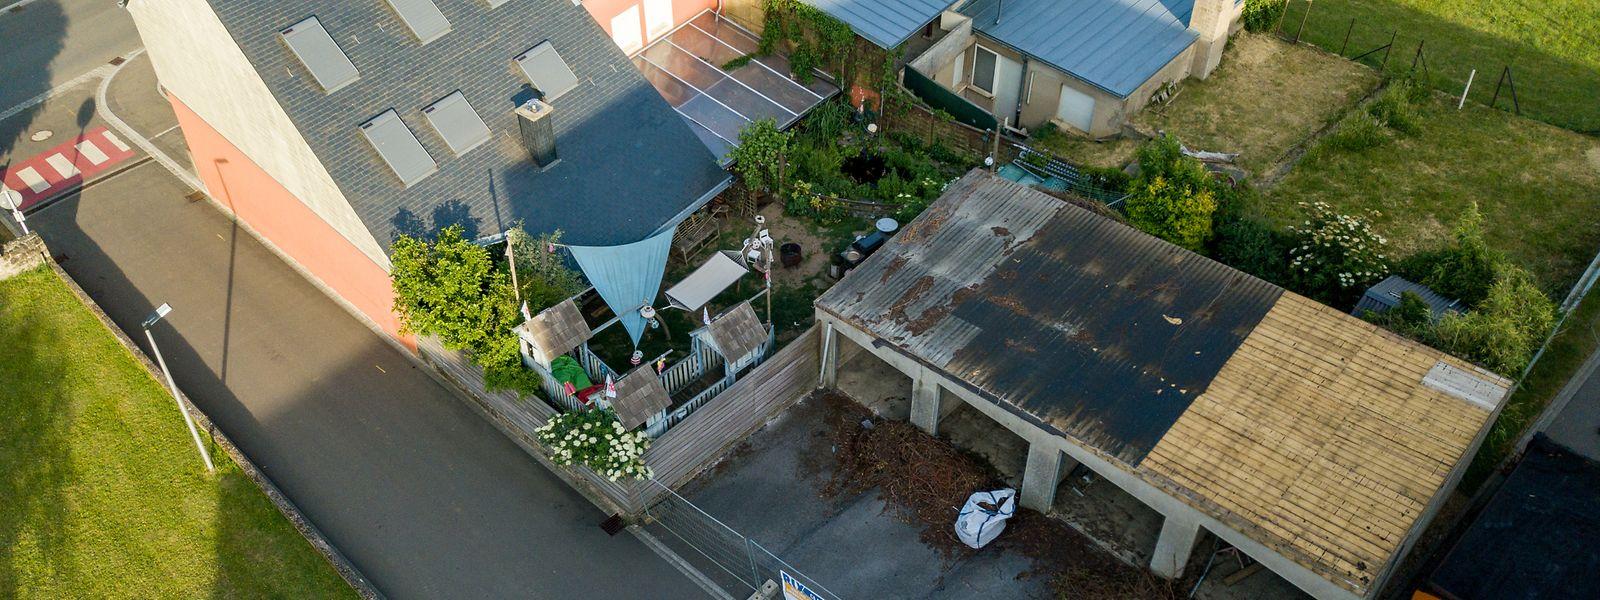 Wegen den nicht fachgerechten Abbau der Wellenplatten auf der Garagenbox hinter seinem Gartengarten traut sich Marco Back nicht mehr in seinen Garten.